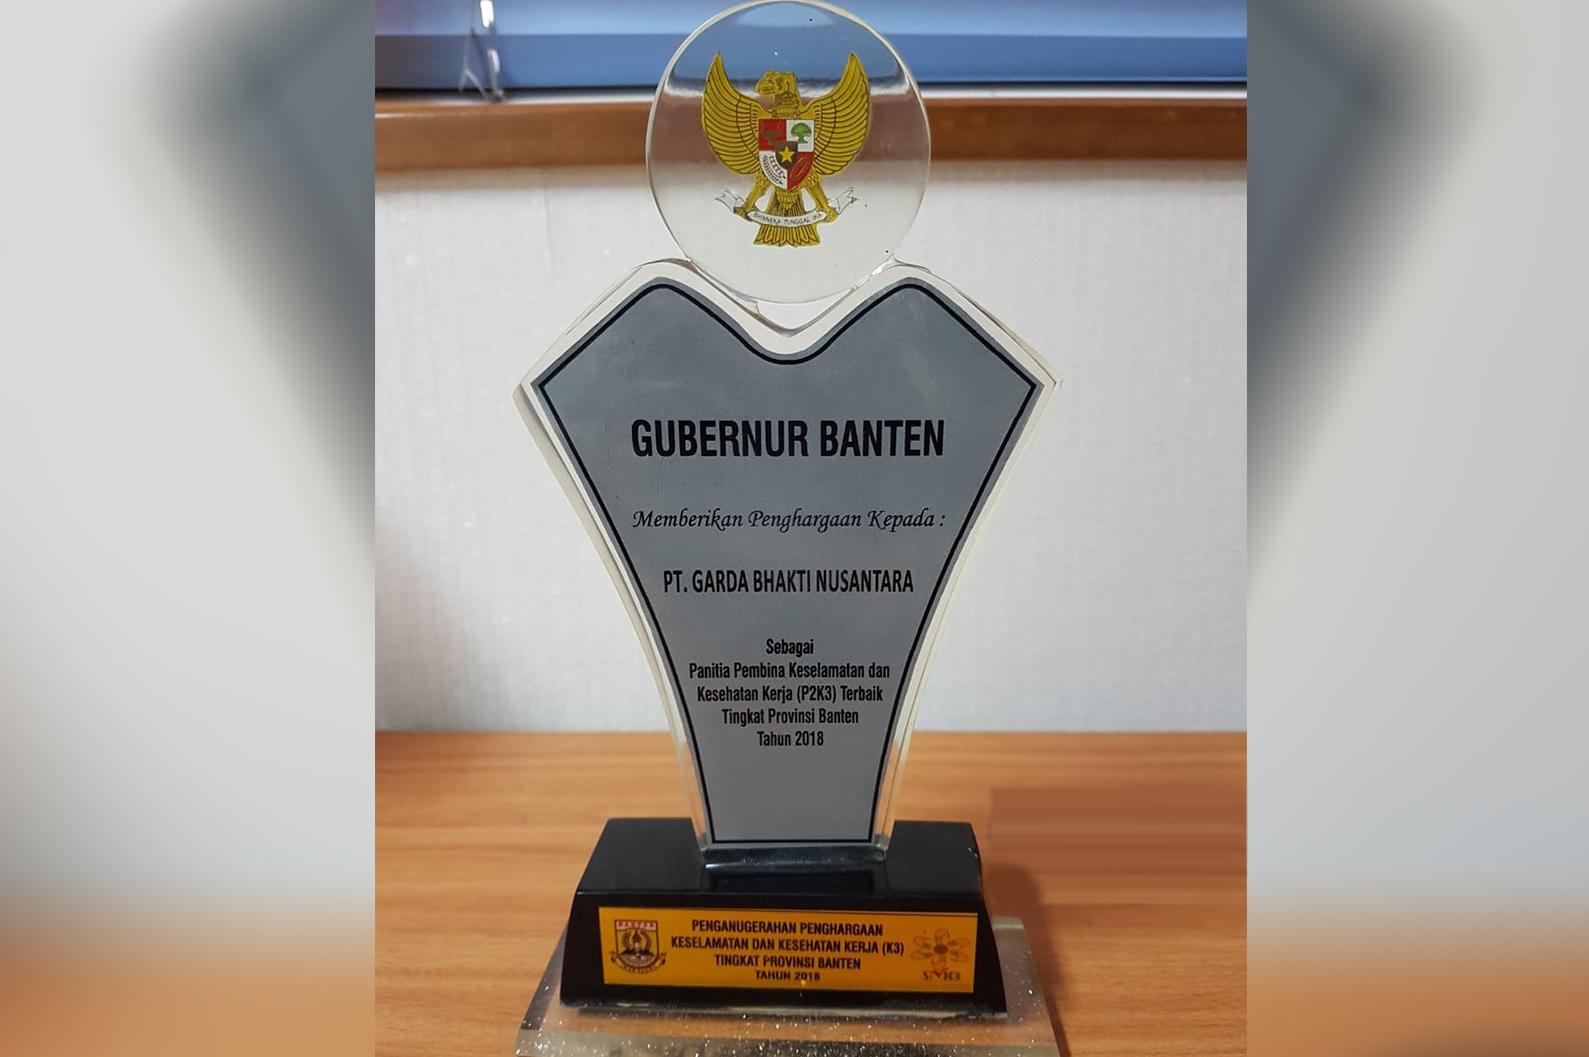 Berita Garda Bhakti Nusantara - Penghargaan Gubernur Banten untuk GBN